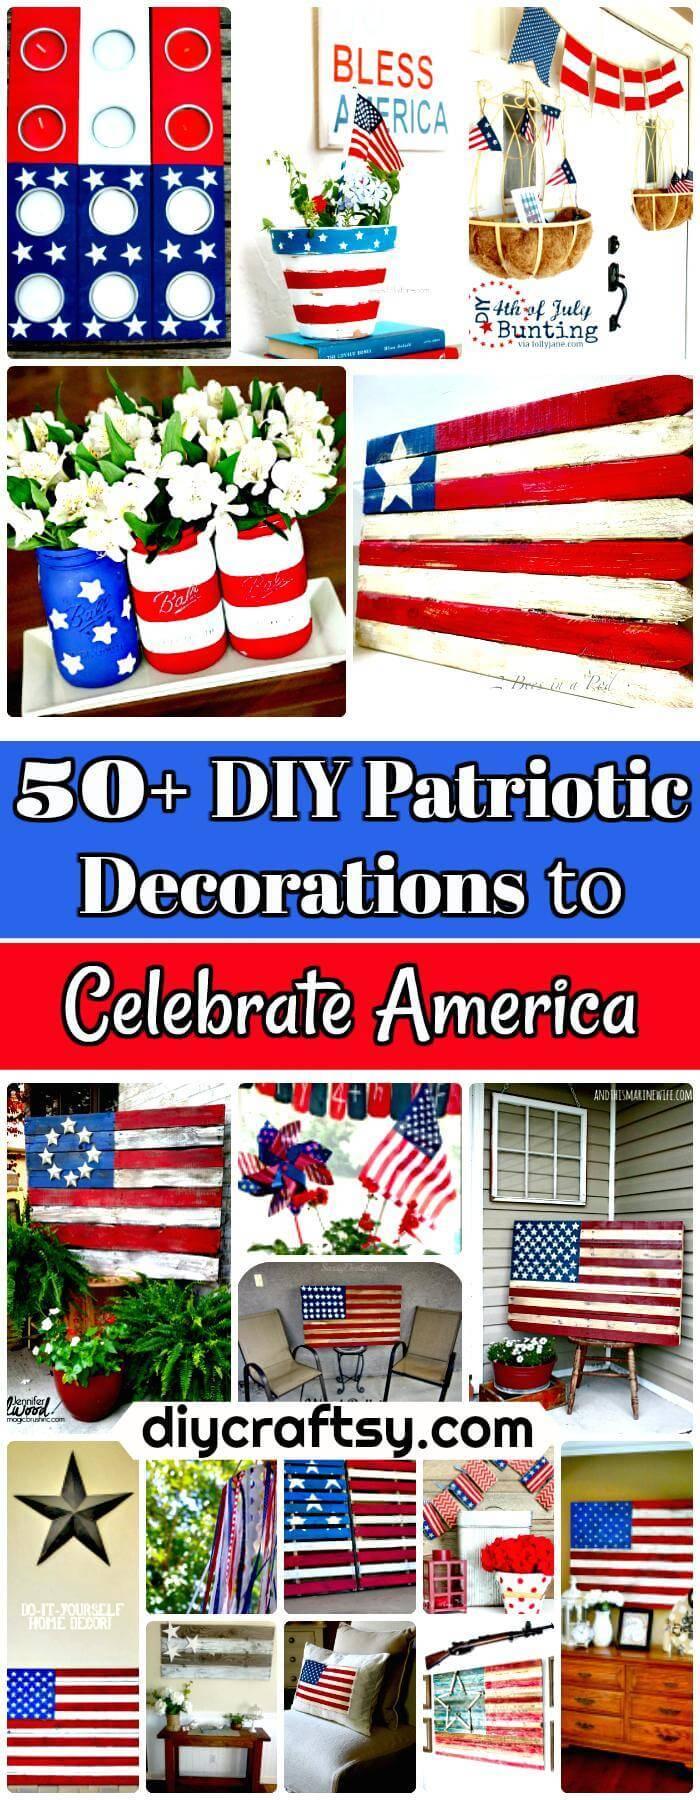 DIY Patriotic Decorations